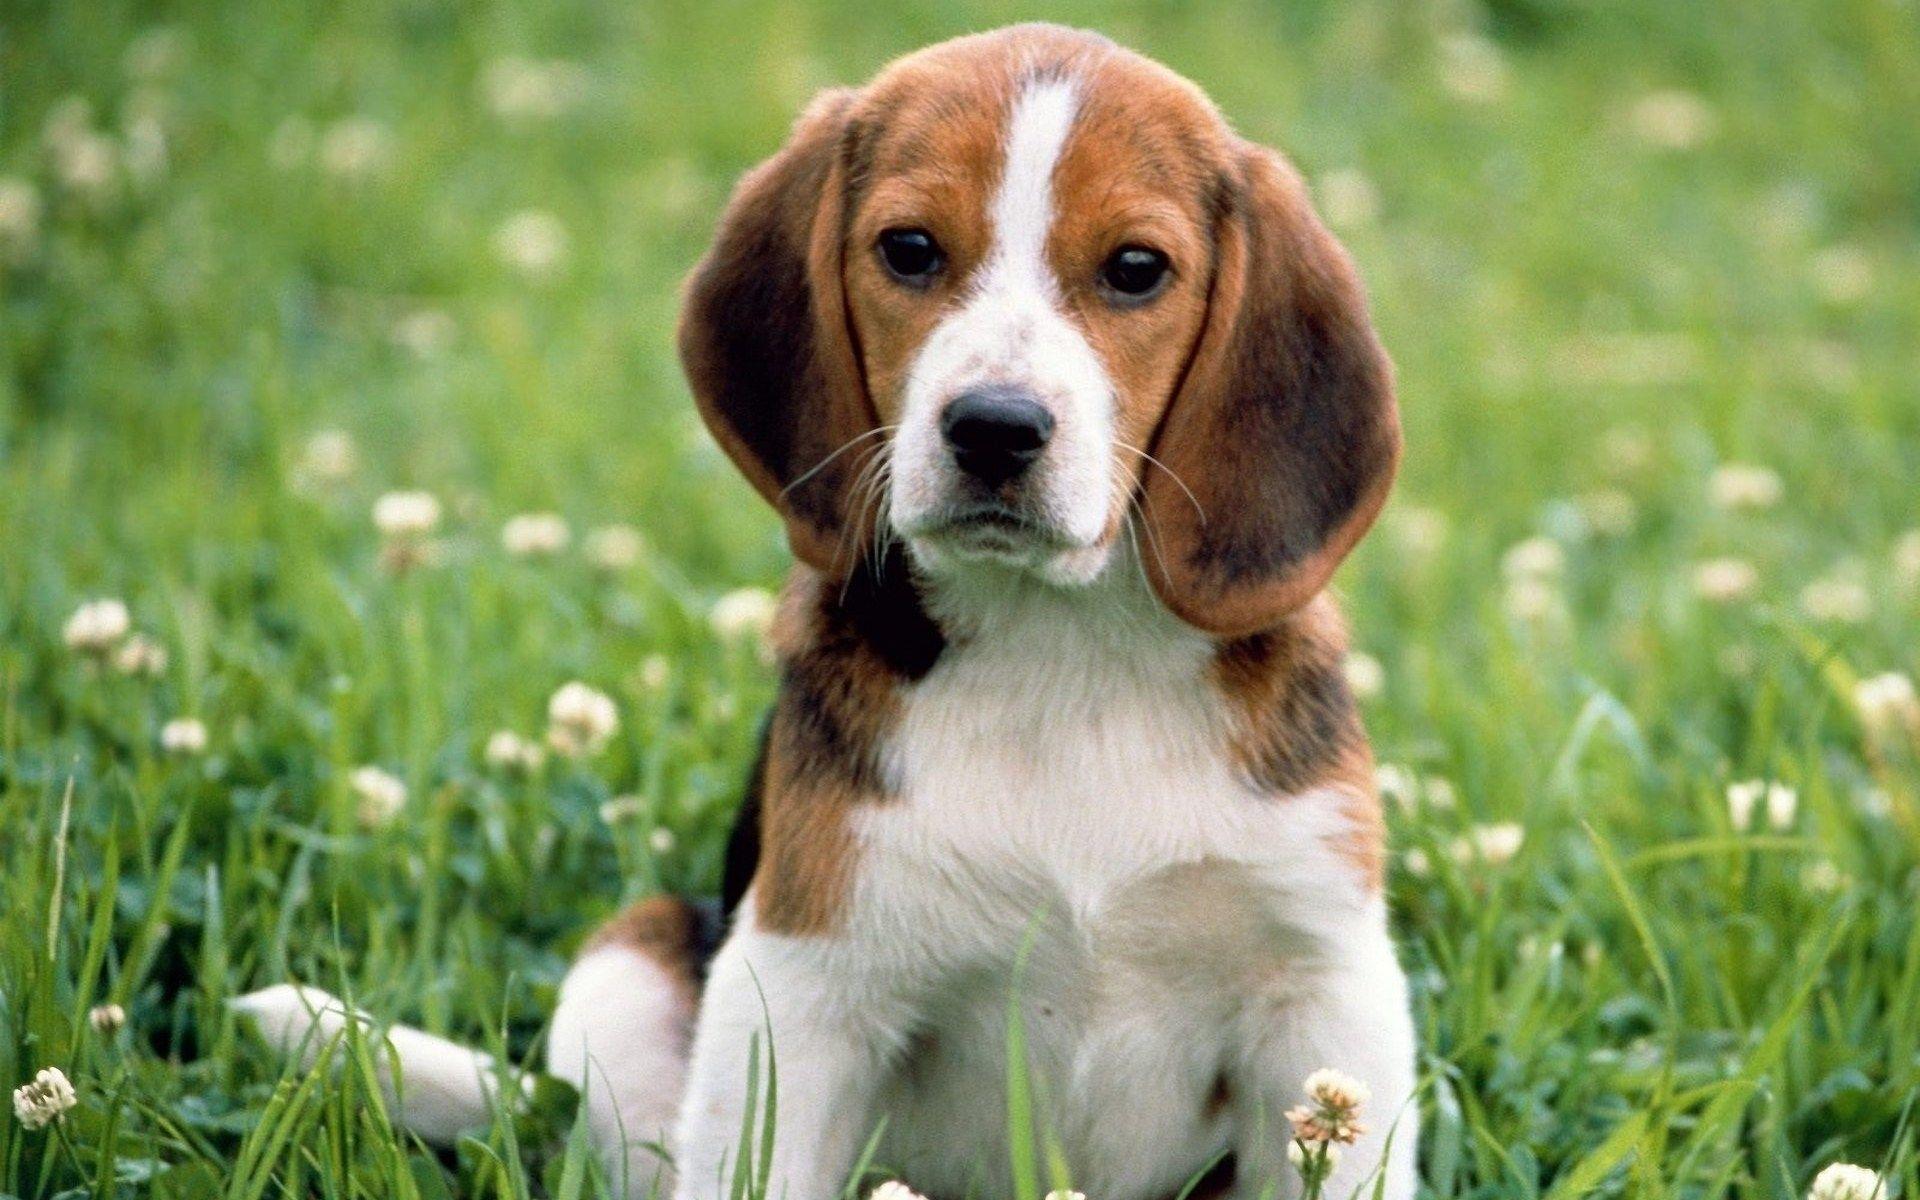 Cute Beagle Puppy In Spring Picture Hd Wallpaper Cute Beagles